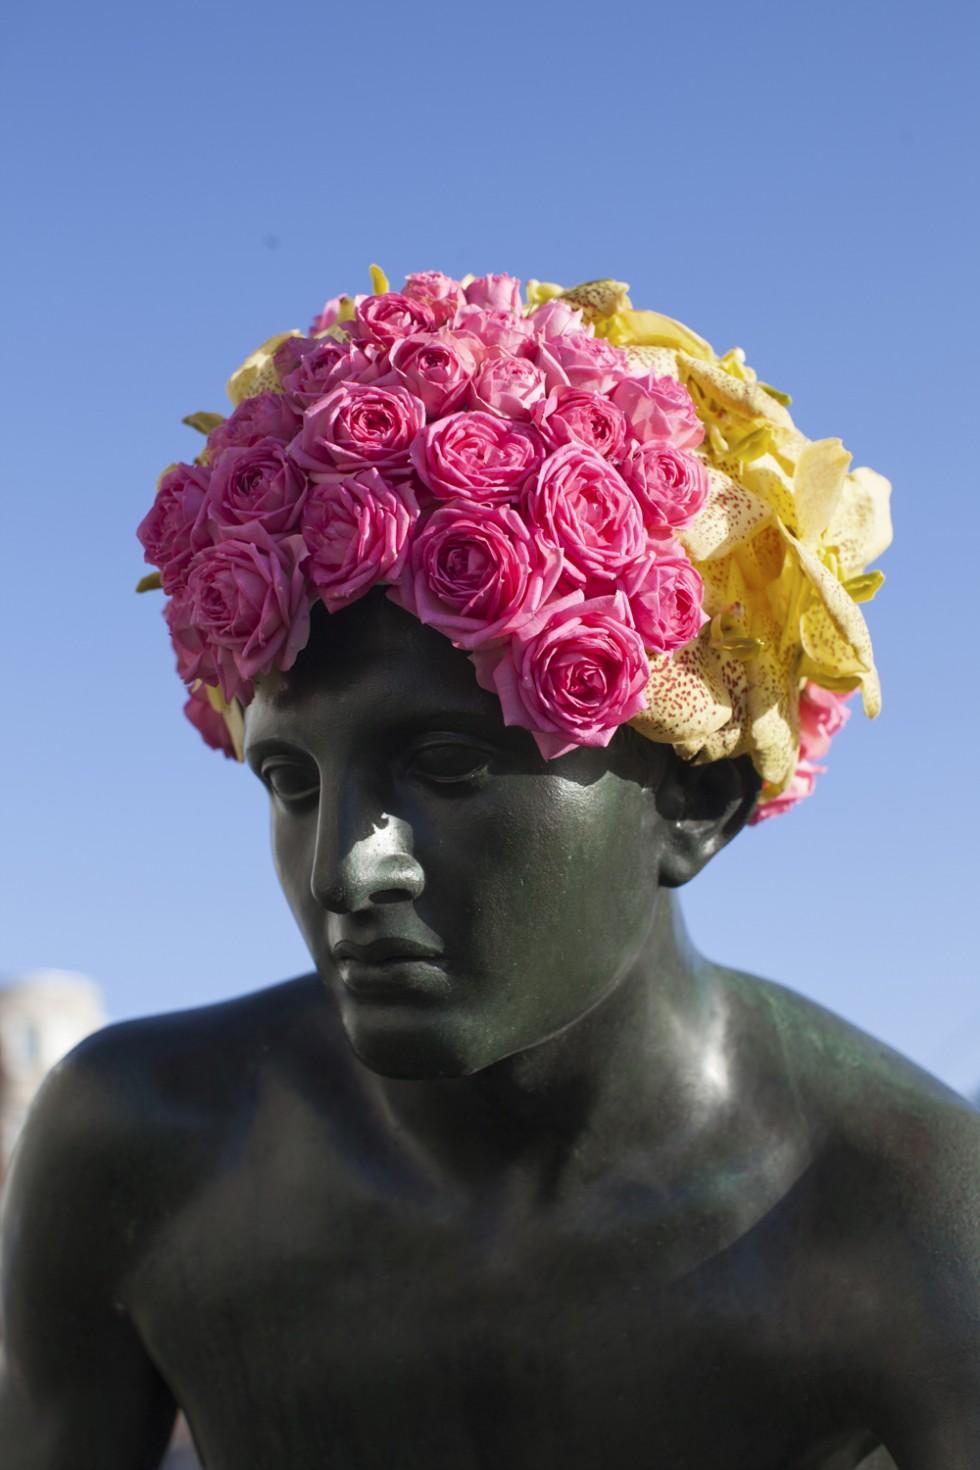 Fleurissements - Le installazioni floreali di Geoffroy Mottart | Collater.al